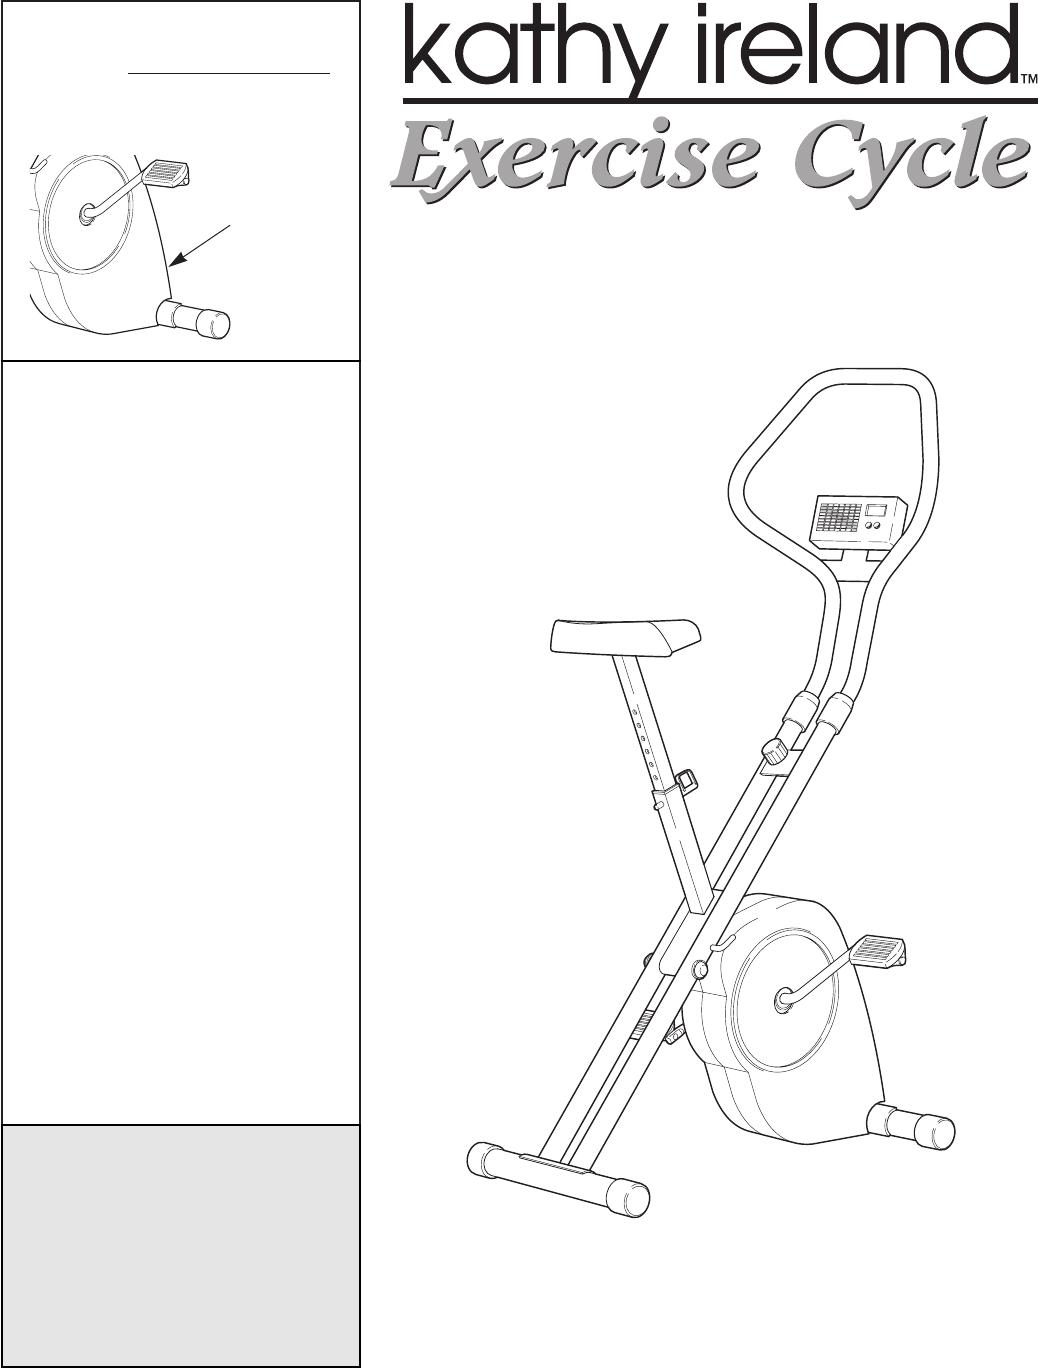 kathy ireland home home gym wlex30380 user guide manualsonline com